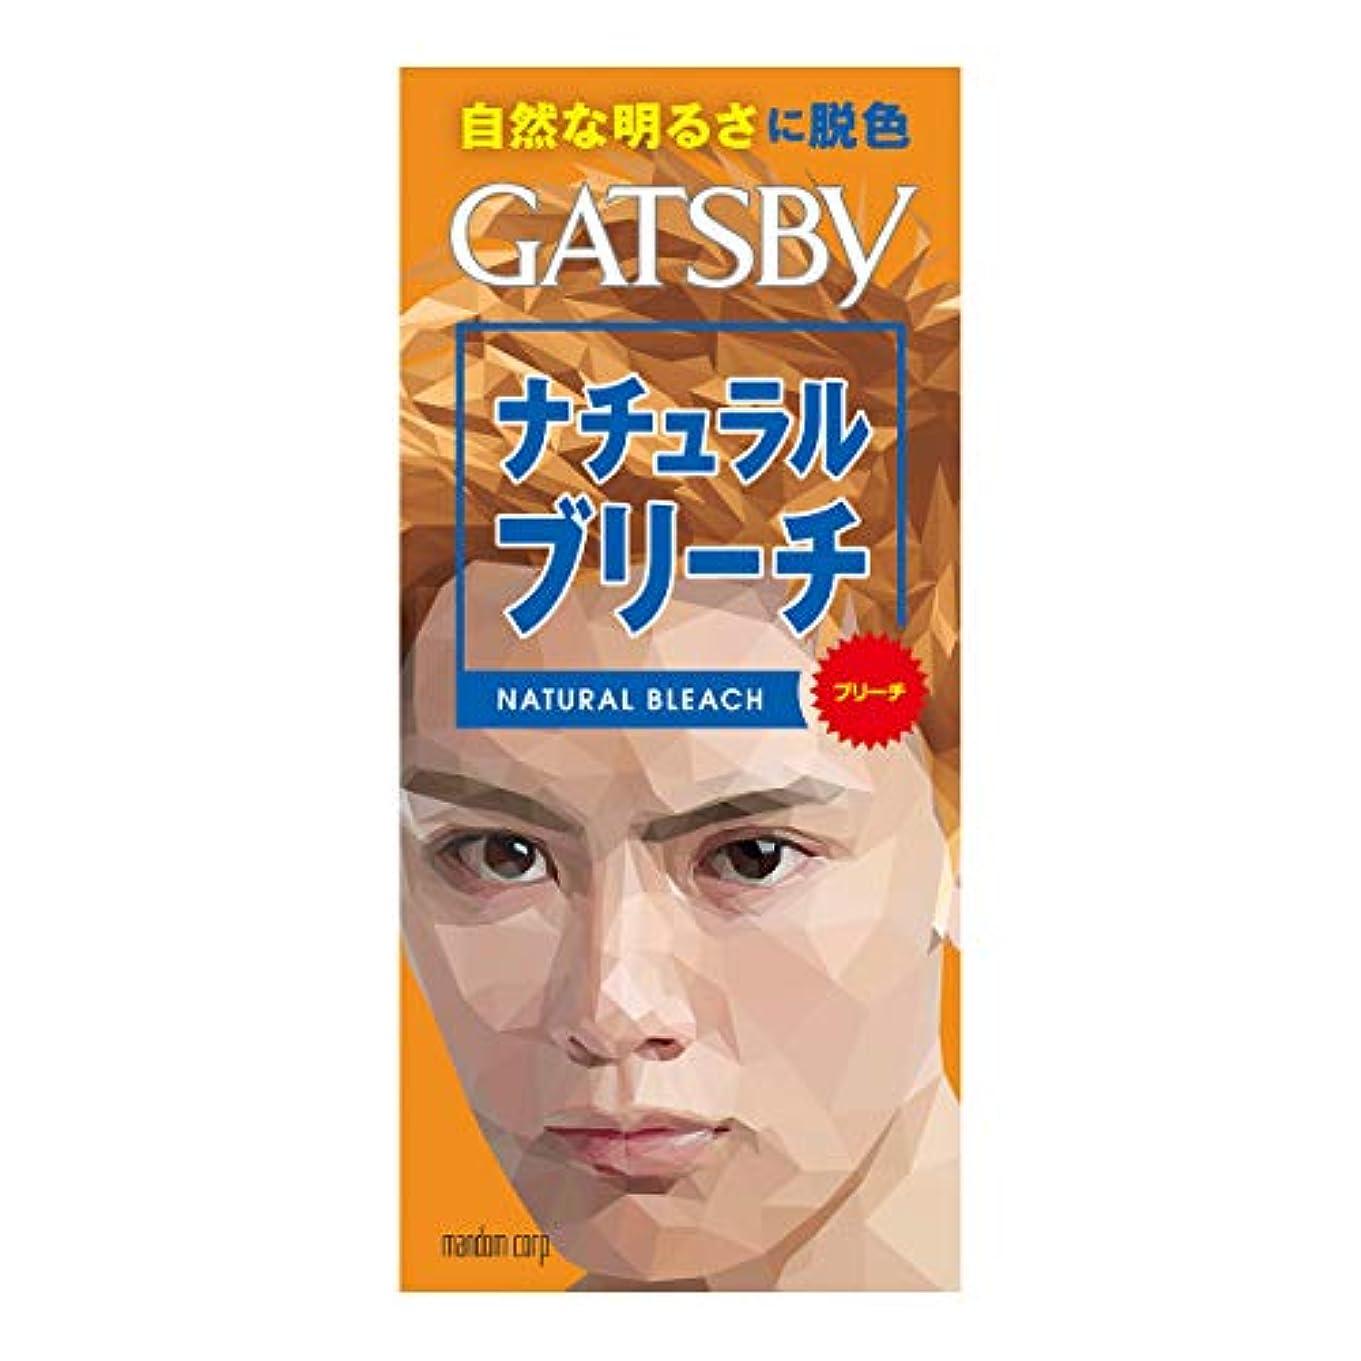 今後幻影手綱ギャツビー ナチュラルブリーチ 【HTRC5.1】